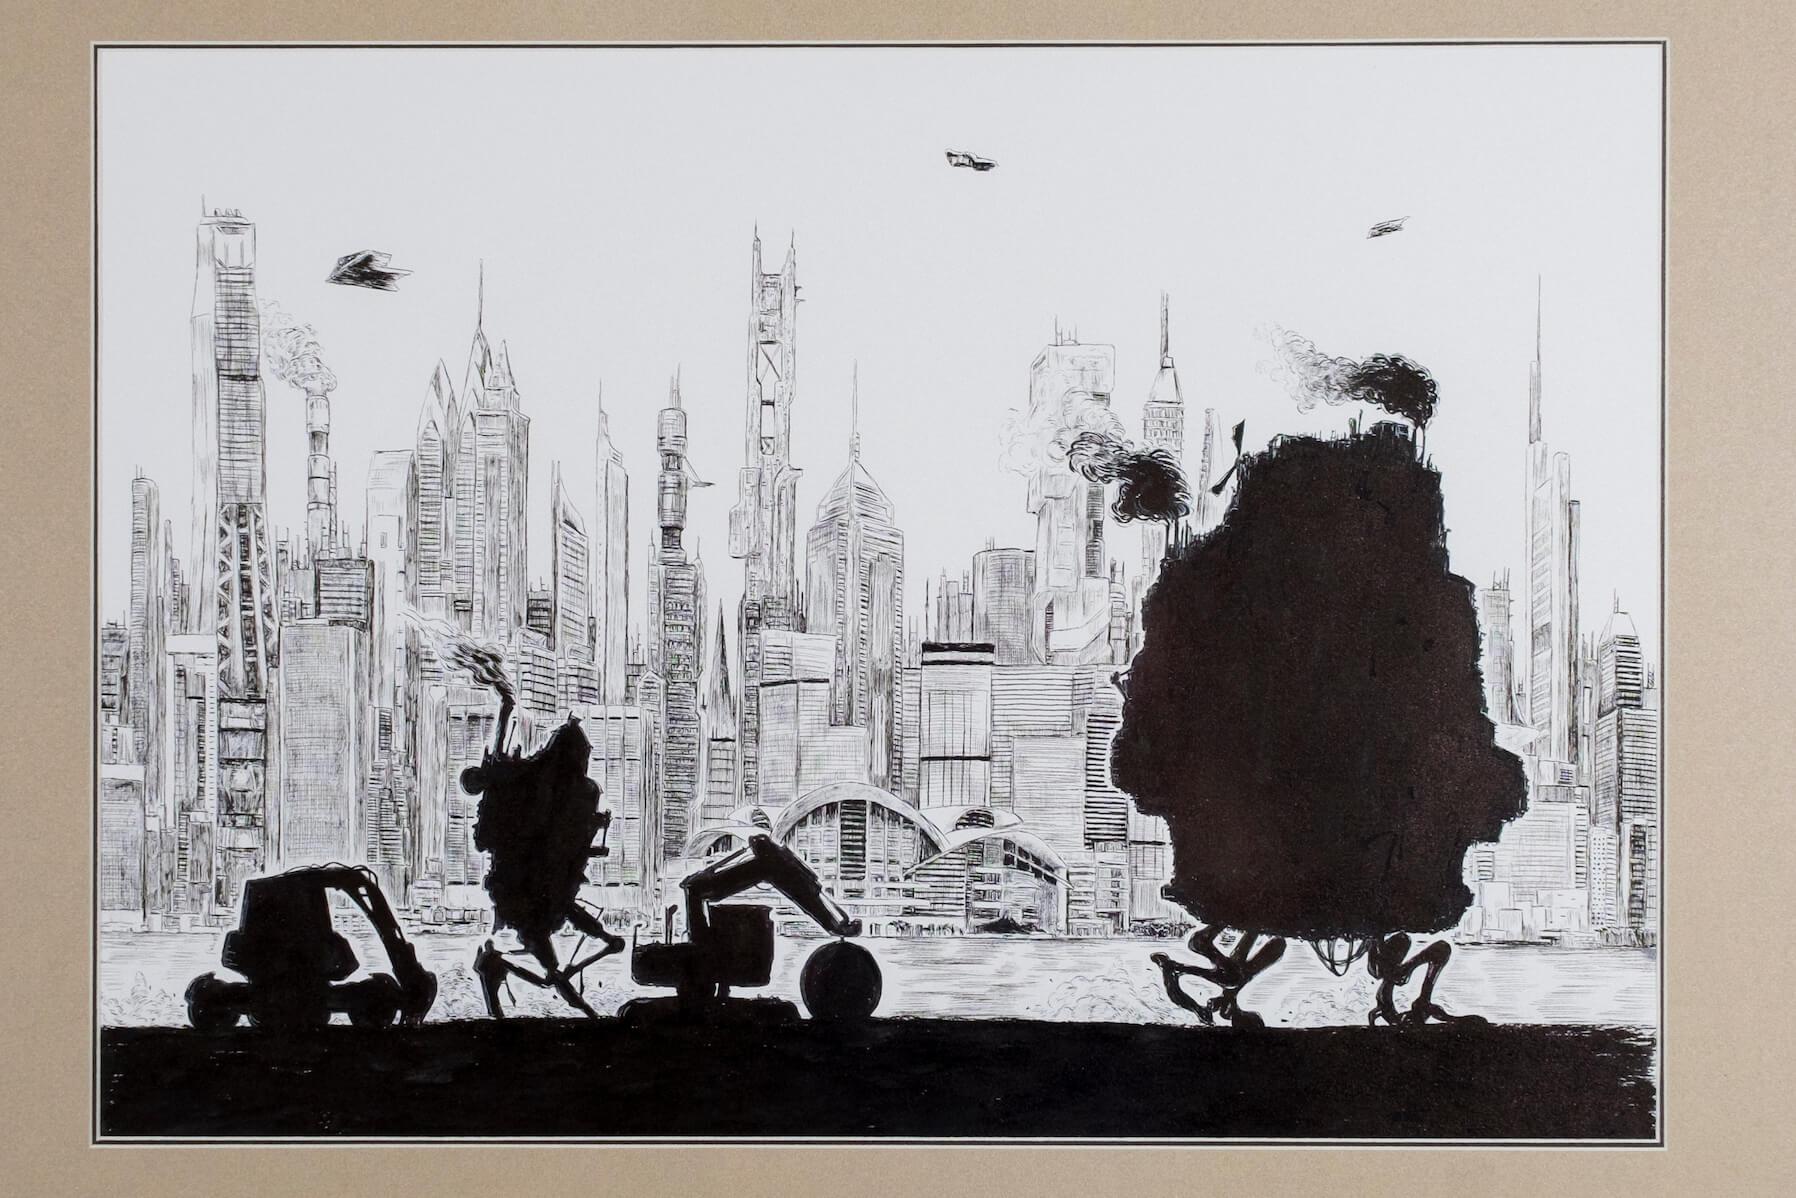 唐樓被推土機窮追,Pen So刻意以黑影表達這一幕,製造卡通感。